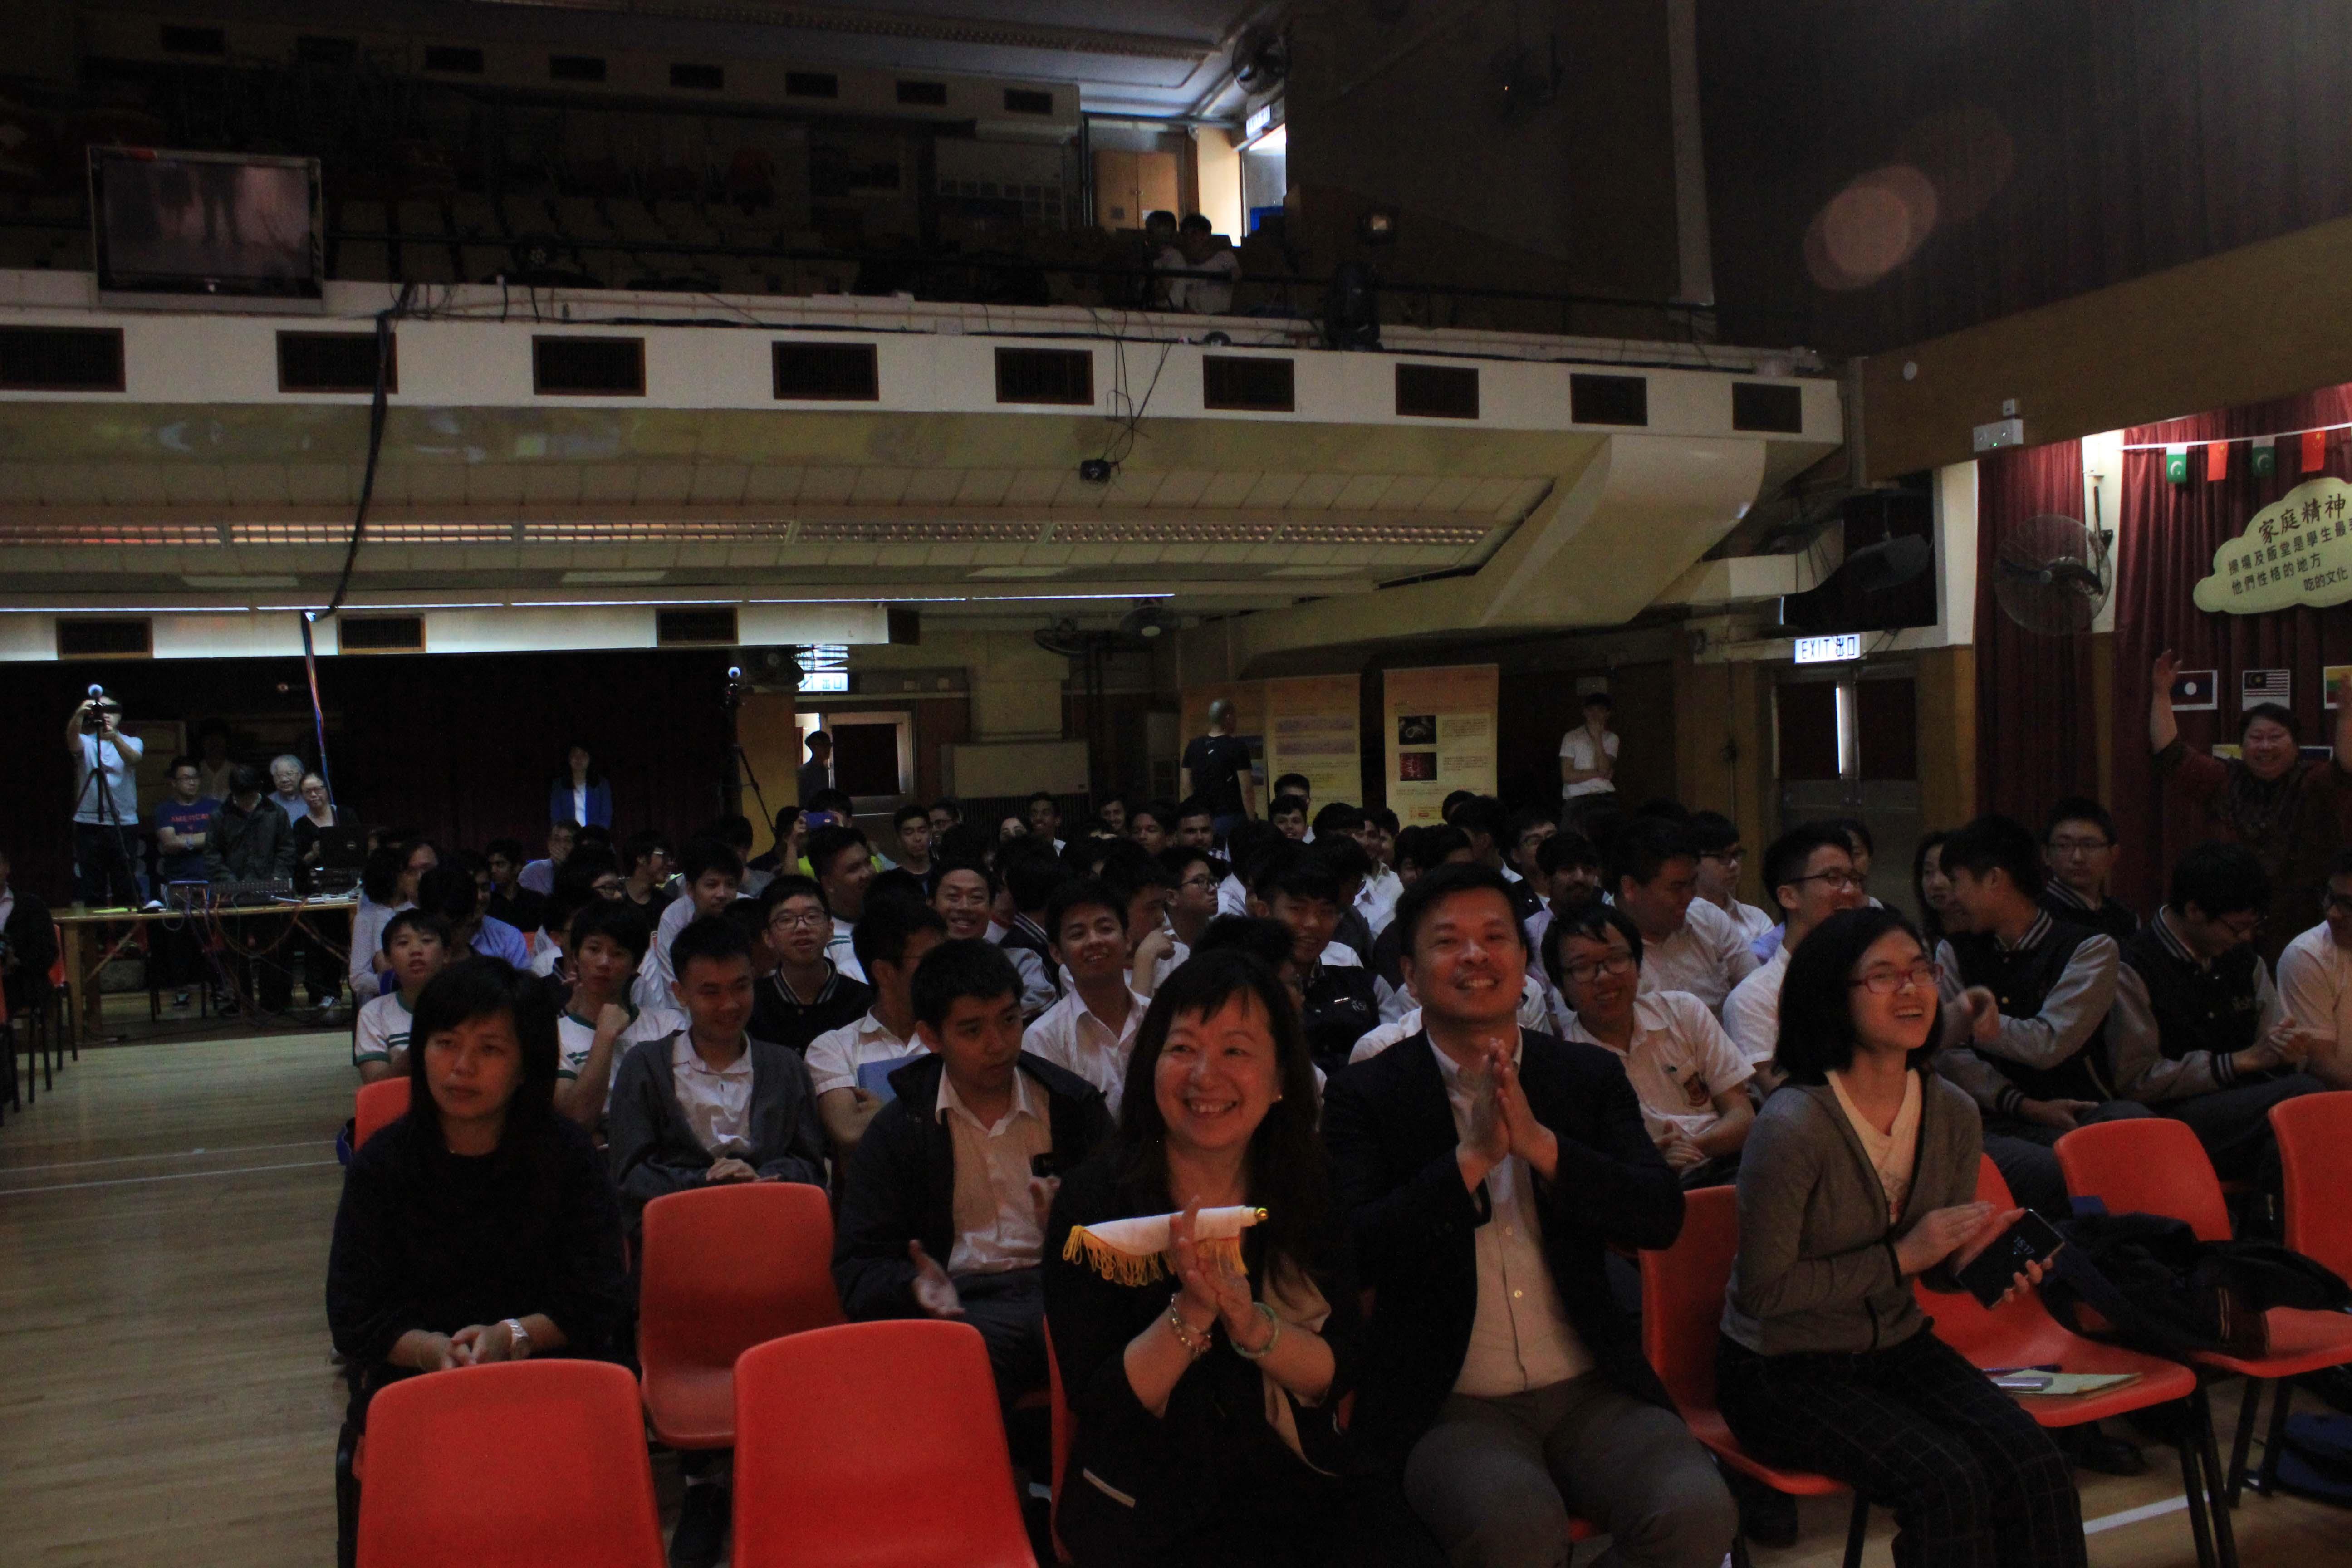 天主教慈幼會伍少梅中學的「中巴經濟走廊」高峰會活動相片6